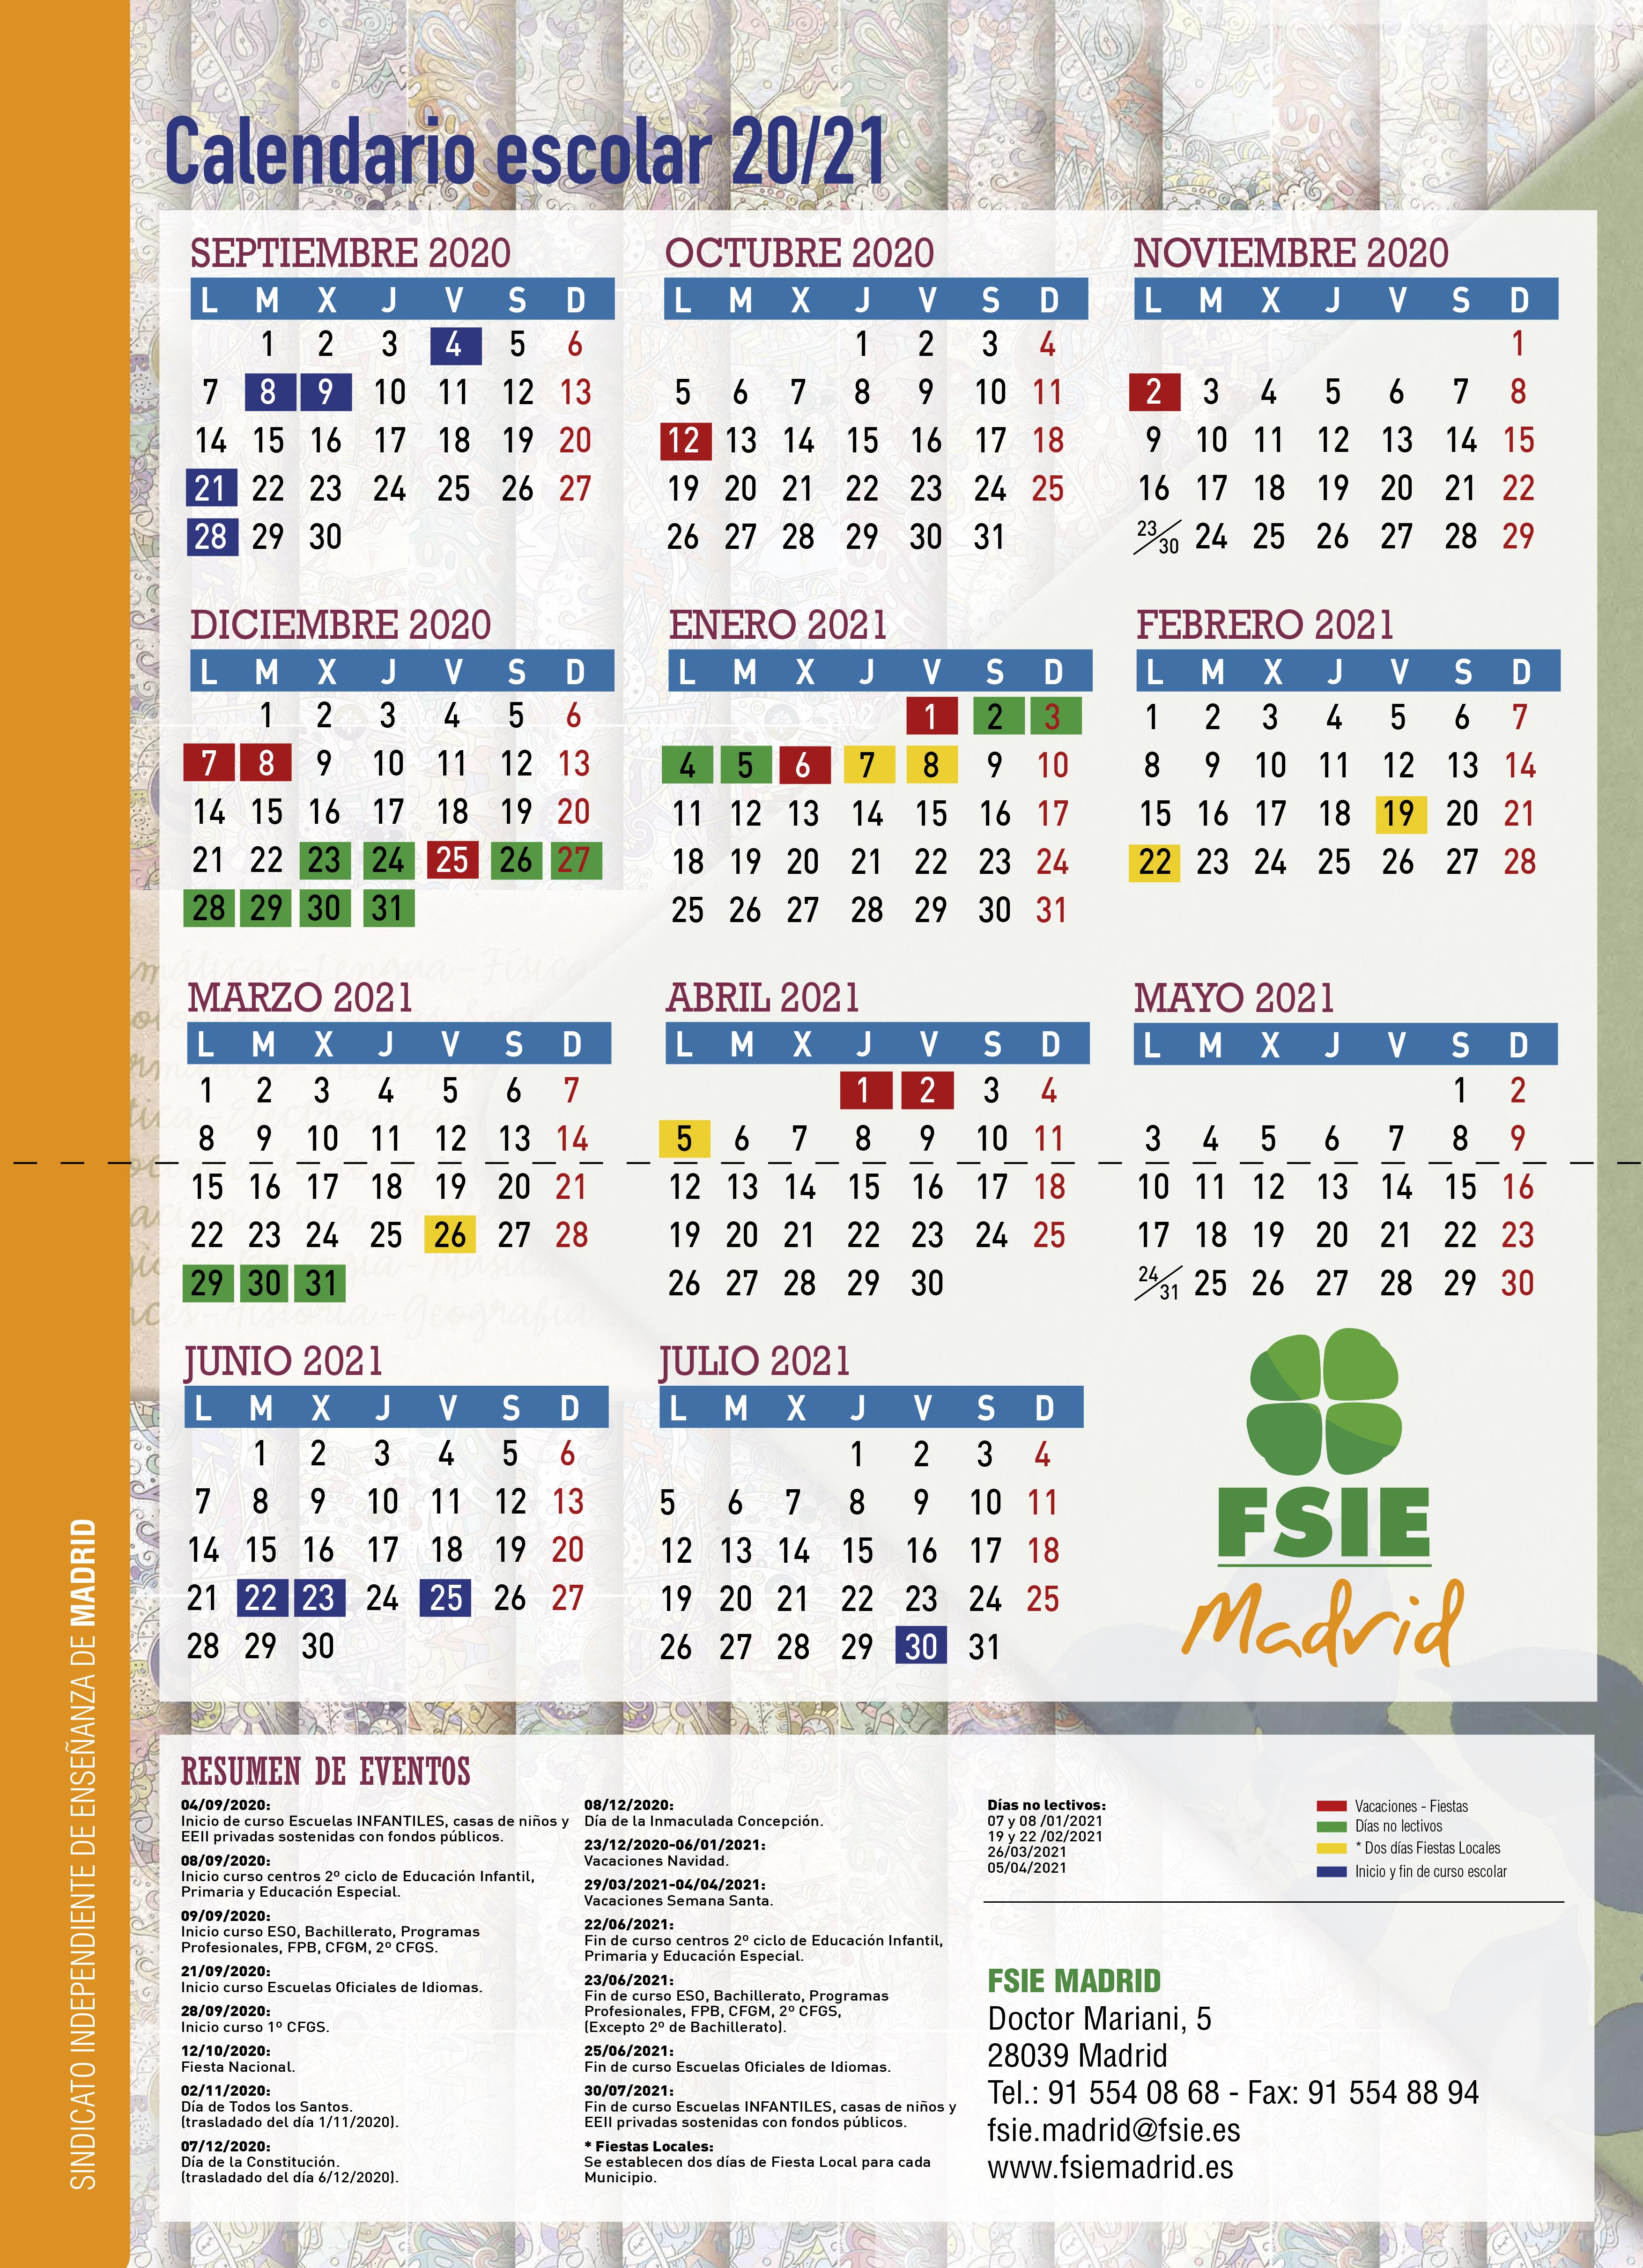 Calendario Escolar 2021 CALENDARIO ESCOLAR CURSO 20/21 (ACTUALIZADO) — FSIE Madrid